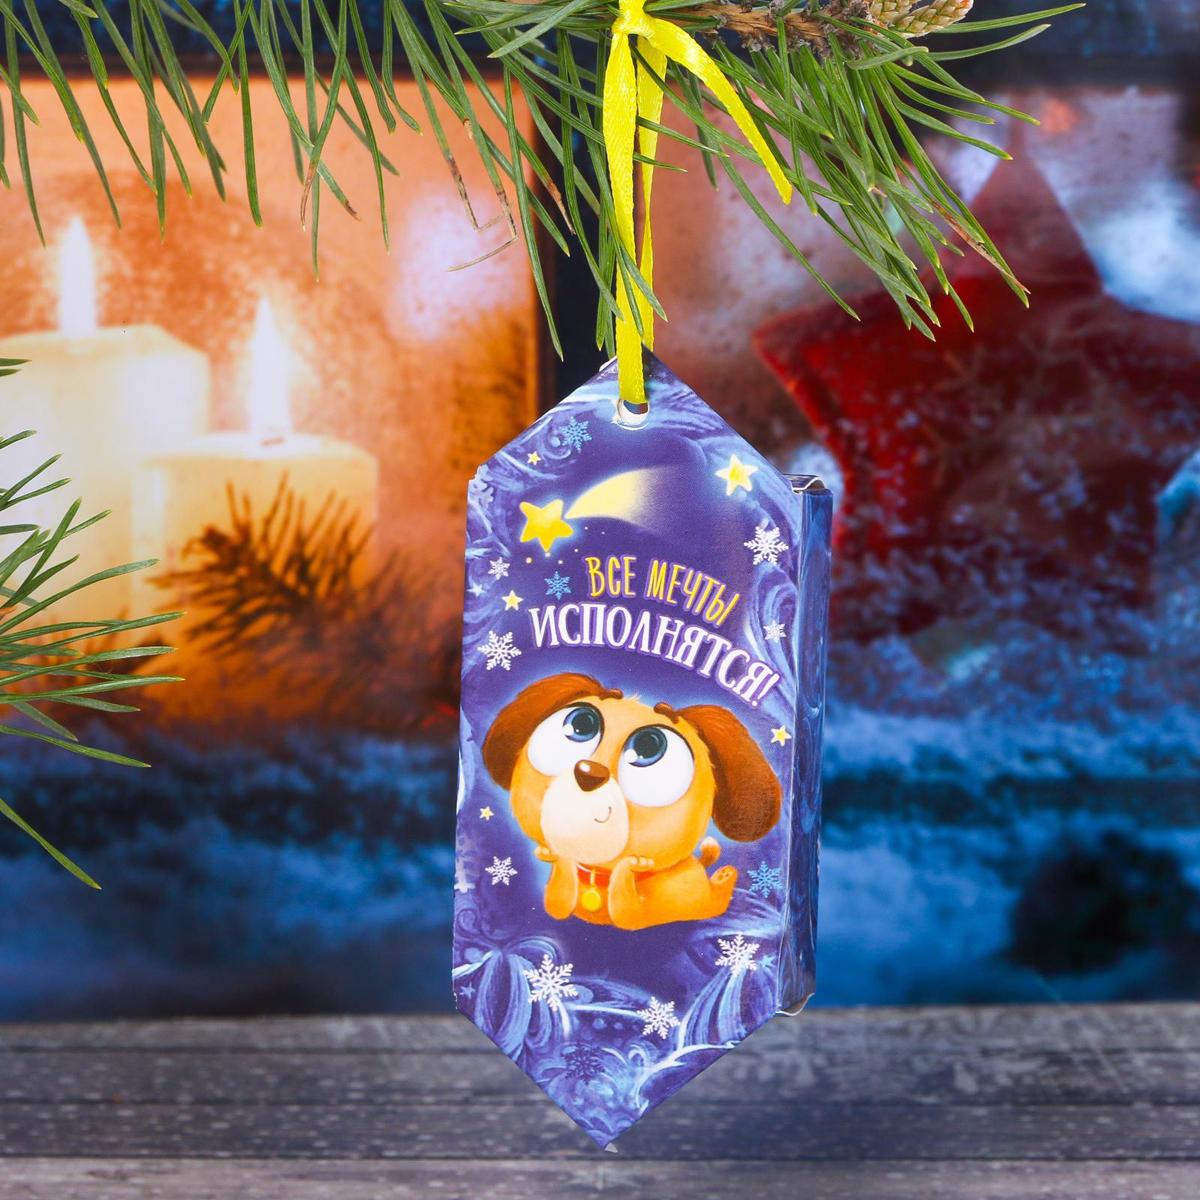 Украшение новогоднее подвесное Sima-land Все мечты исполнятся, 14 см х 13 см, 6 шт2196288Новогодние украшения Sima-land изготовлены из пластика. Изделия имеют плотный корпус, поэтому не разобьются при падении.Невозможно представить нашу жизнь без праздников! Новогодние украшения несут в себе волшебство и красоту праздника. Создайте в своем доме атмосферу тепла, веселья и радости, украшая его всей семьей.